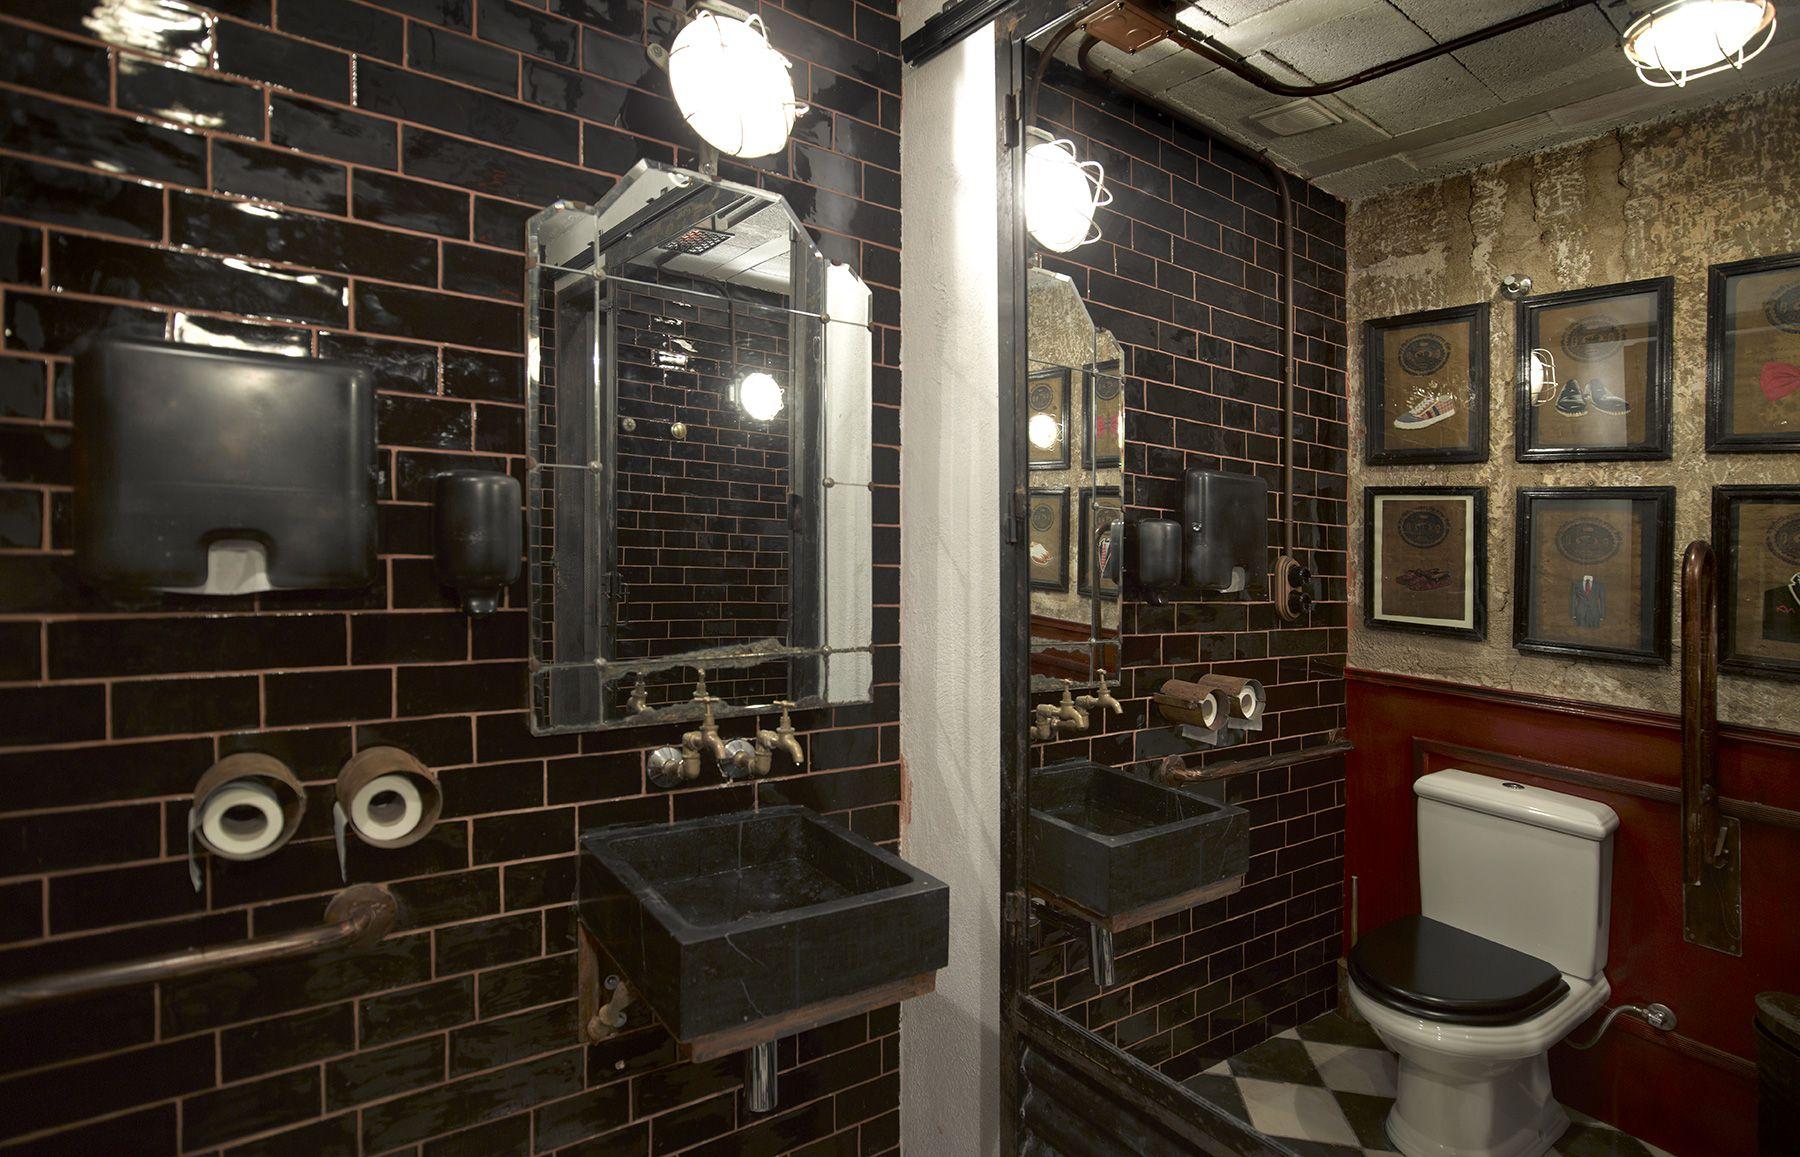 imágenes de la decoración en el baño de caballleros. | nº5 burger